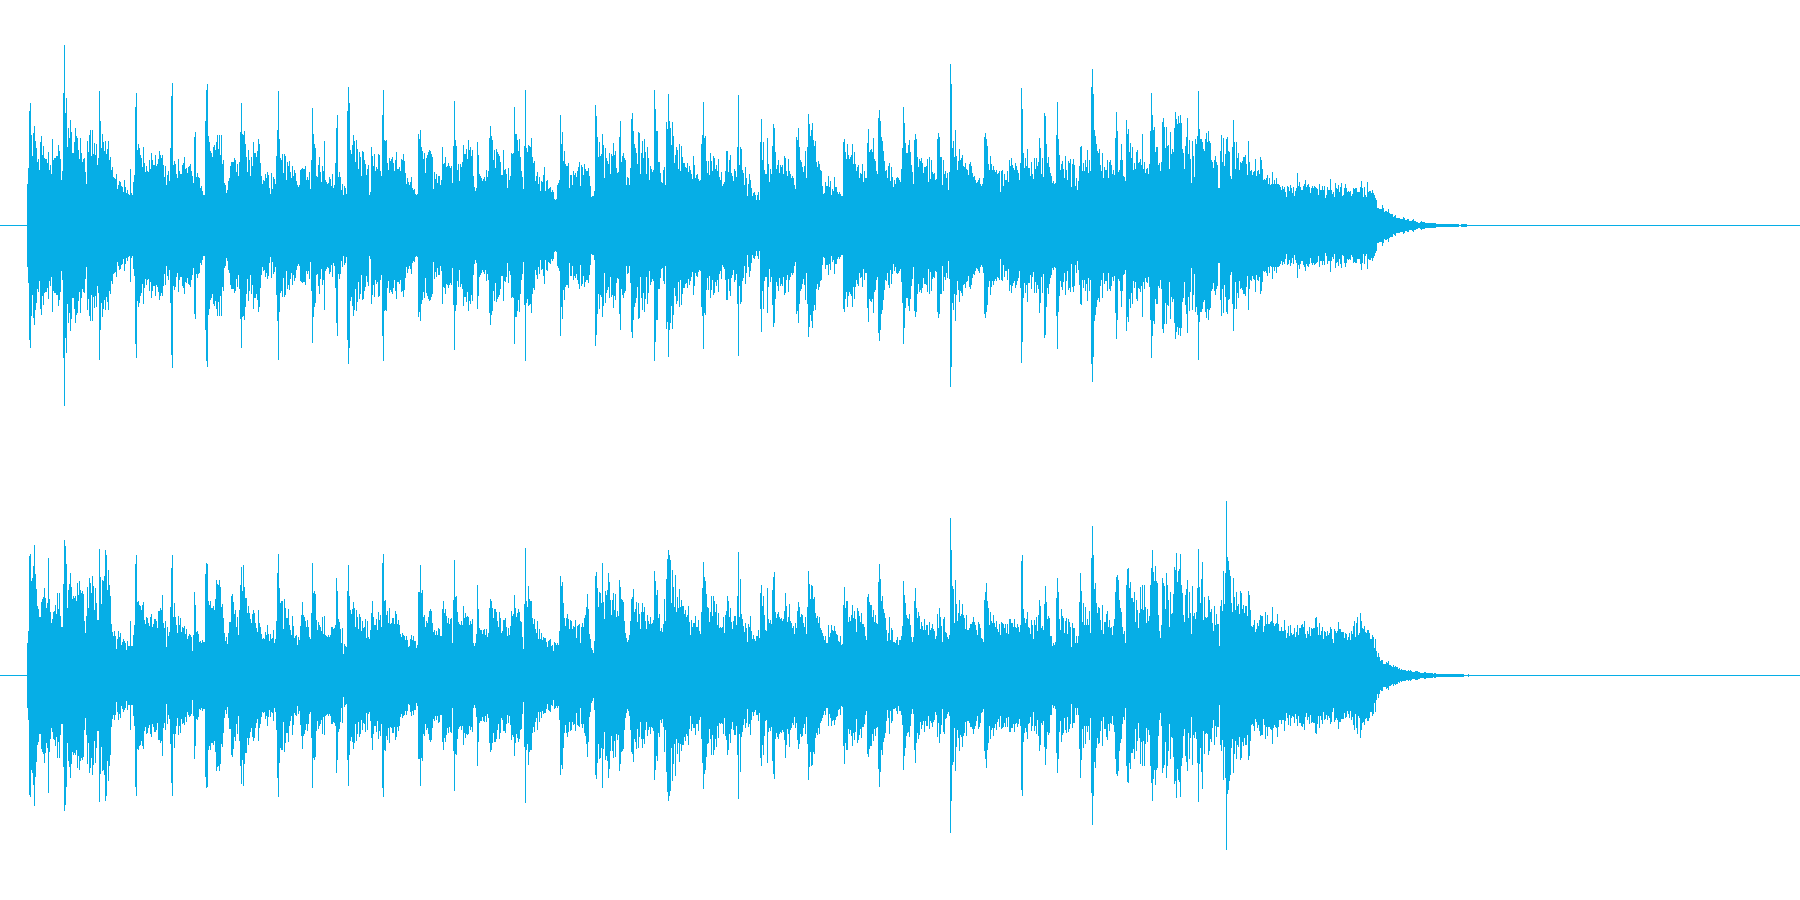 コミカル・タッチ 浮遊感ポップスの再生済みの波形